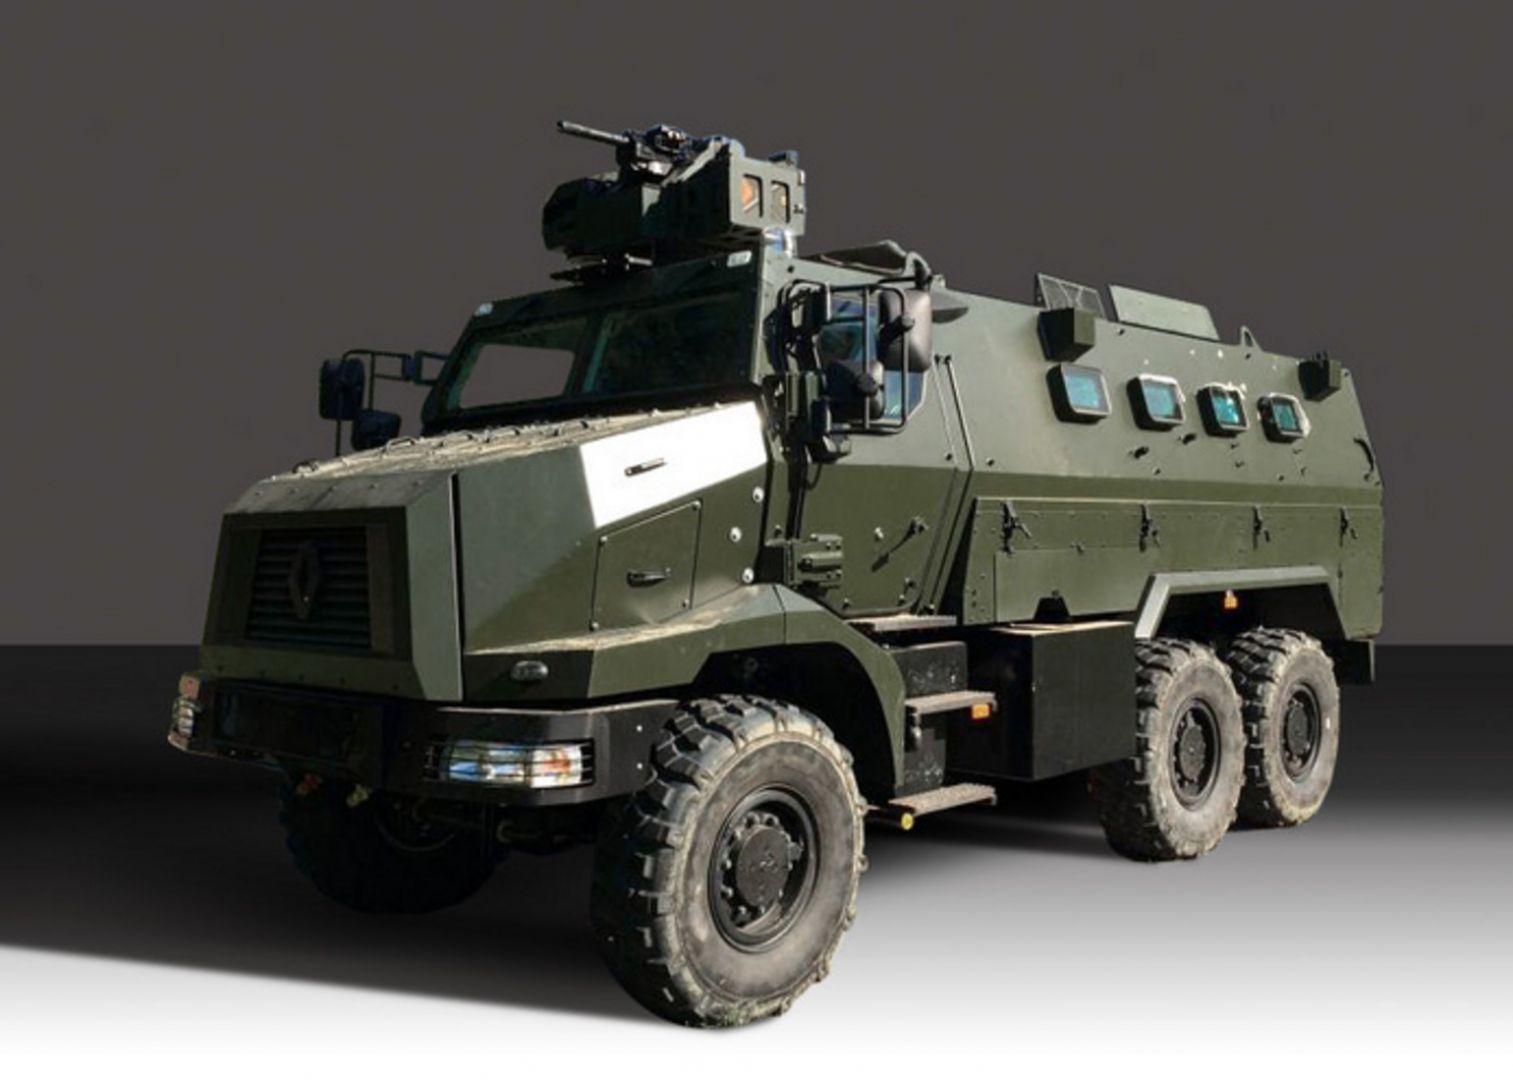 Планируемая к приобретению Сингапуром бронированная машина Protected Response Vehicles (PRV) класса MRAP, являющаяся вариантом бронированной машины Renault Truck Defense Higuard.